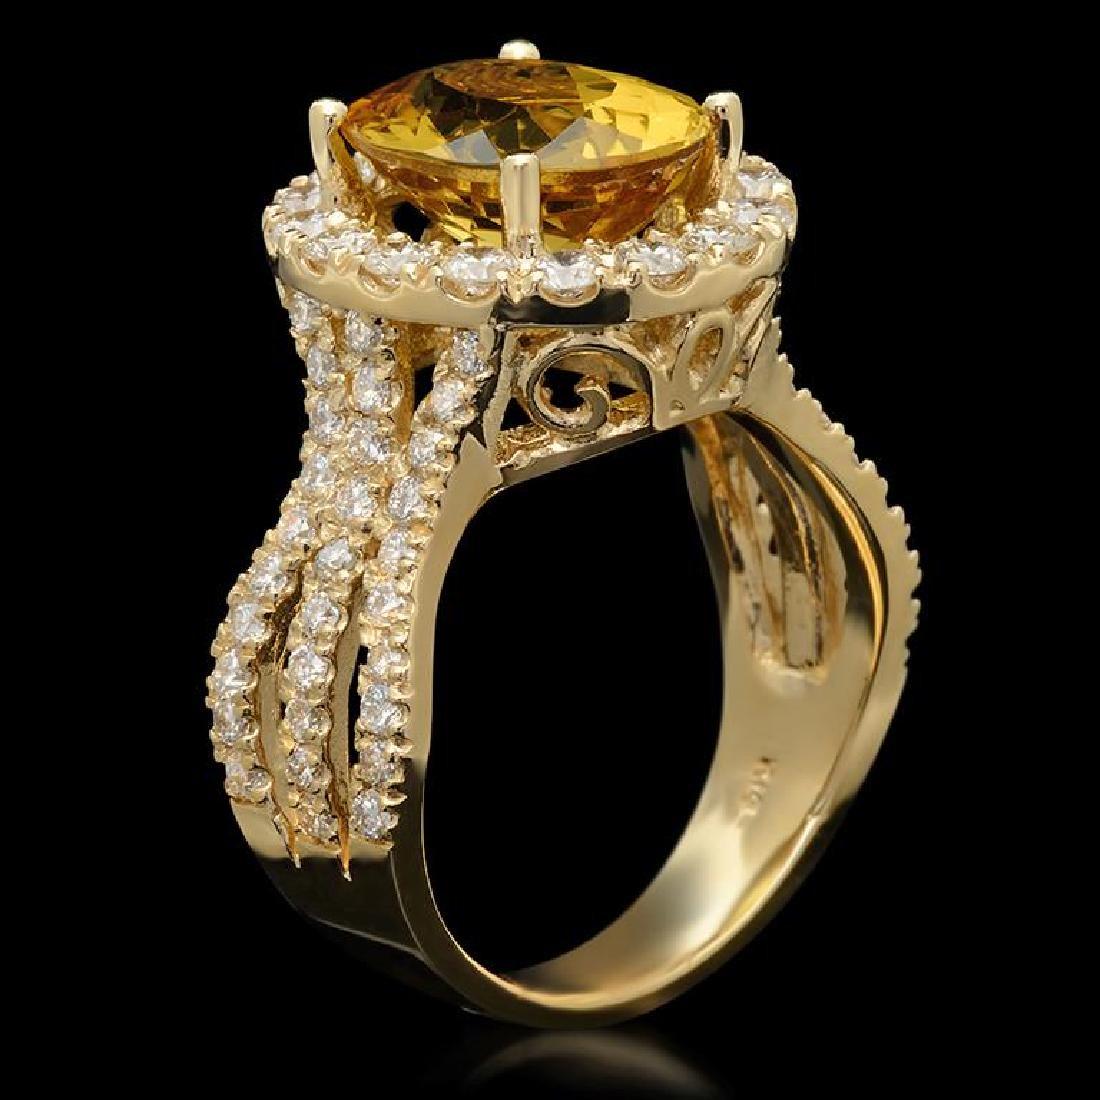 14K Gold 3.61ct Yellow Beryl & 1.54ct Diamond Ring - 2